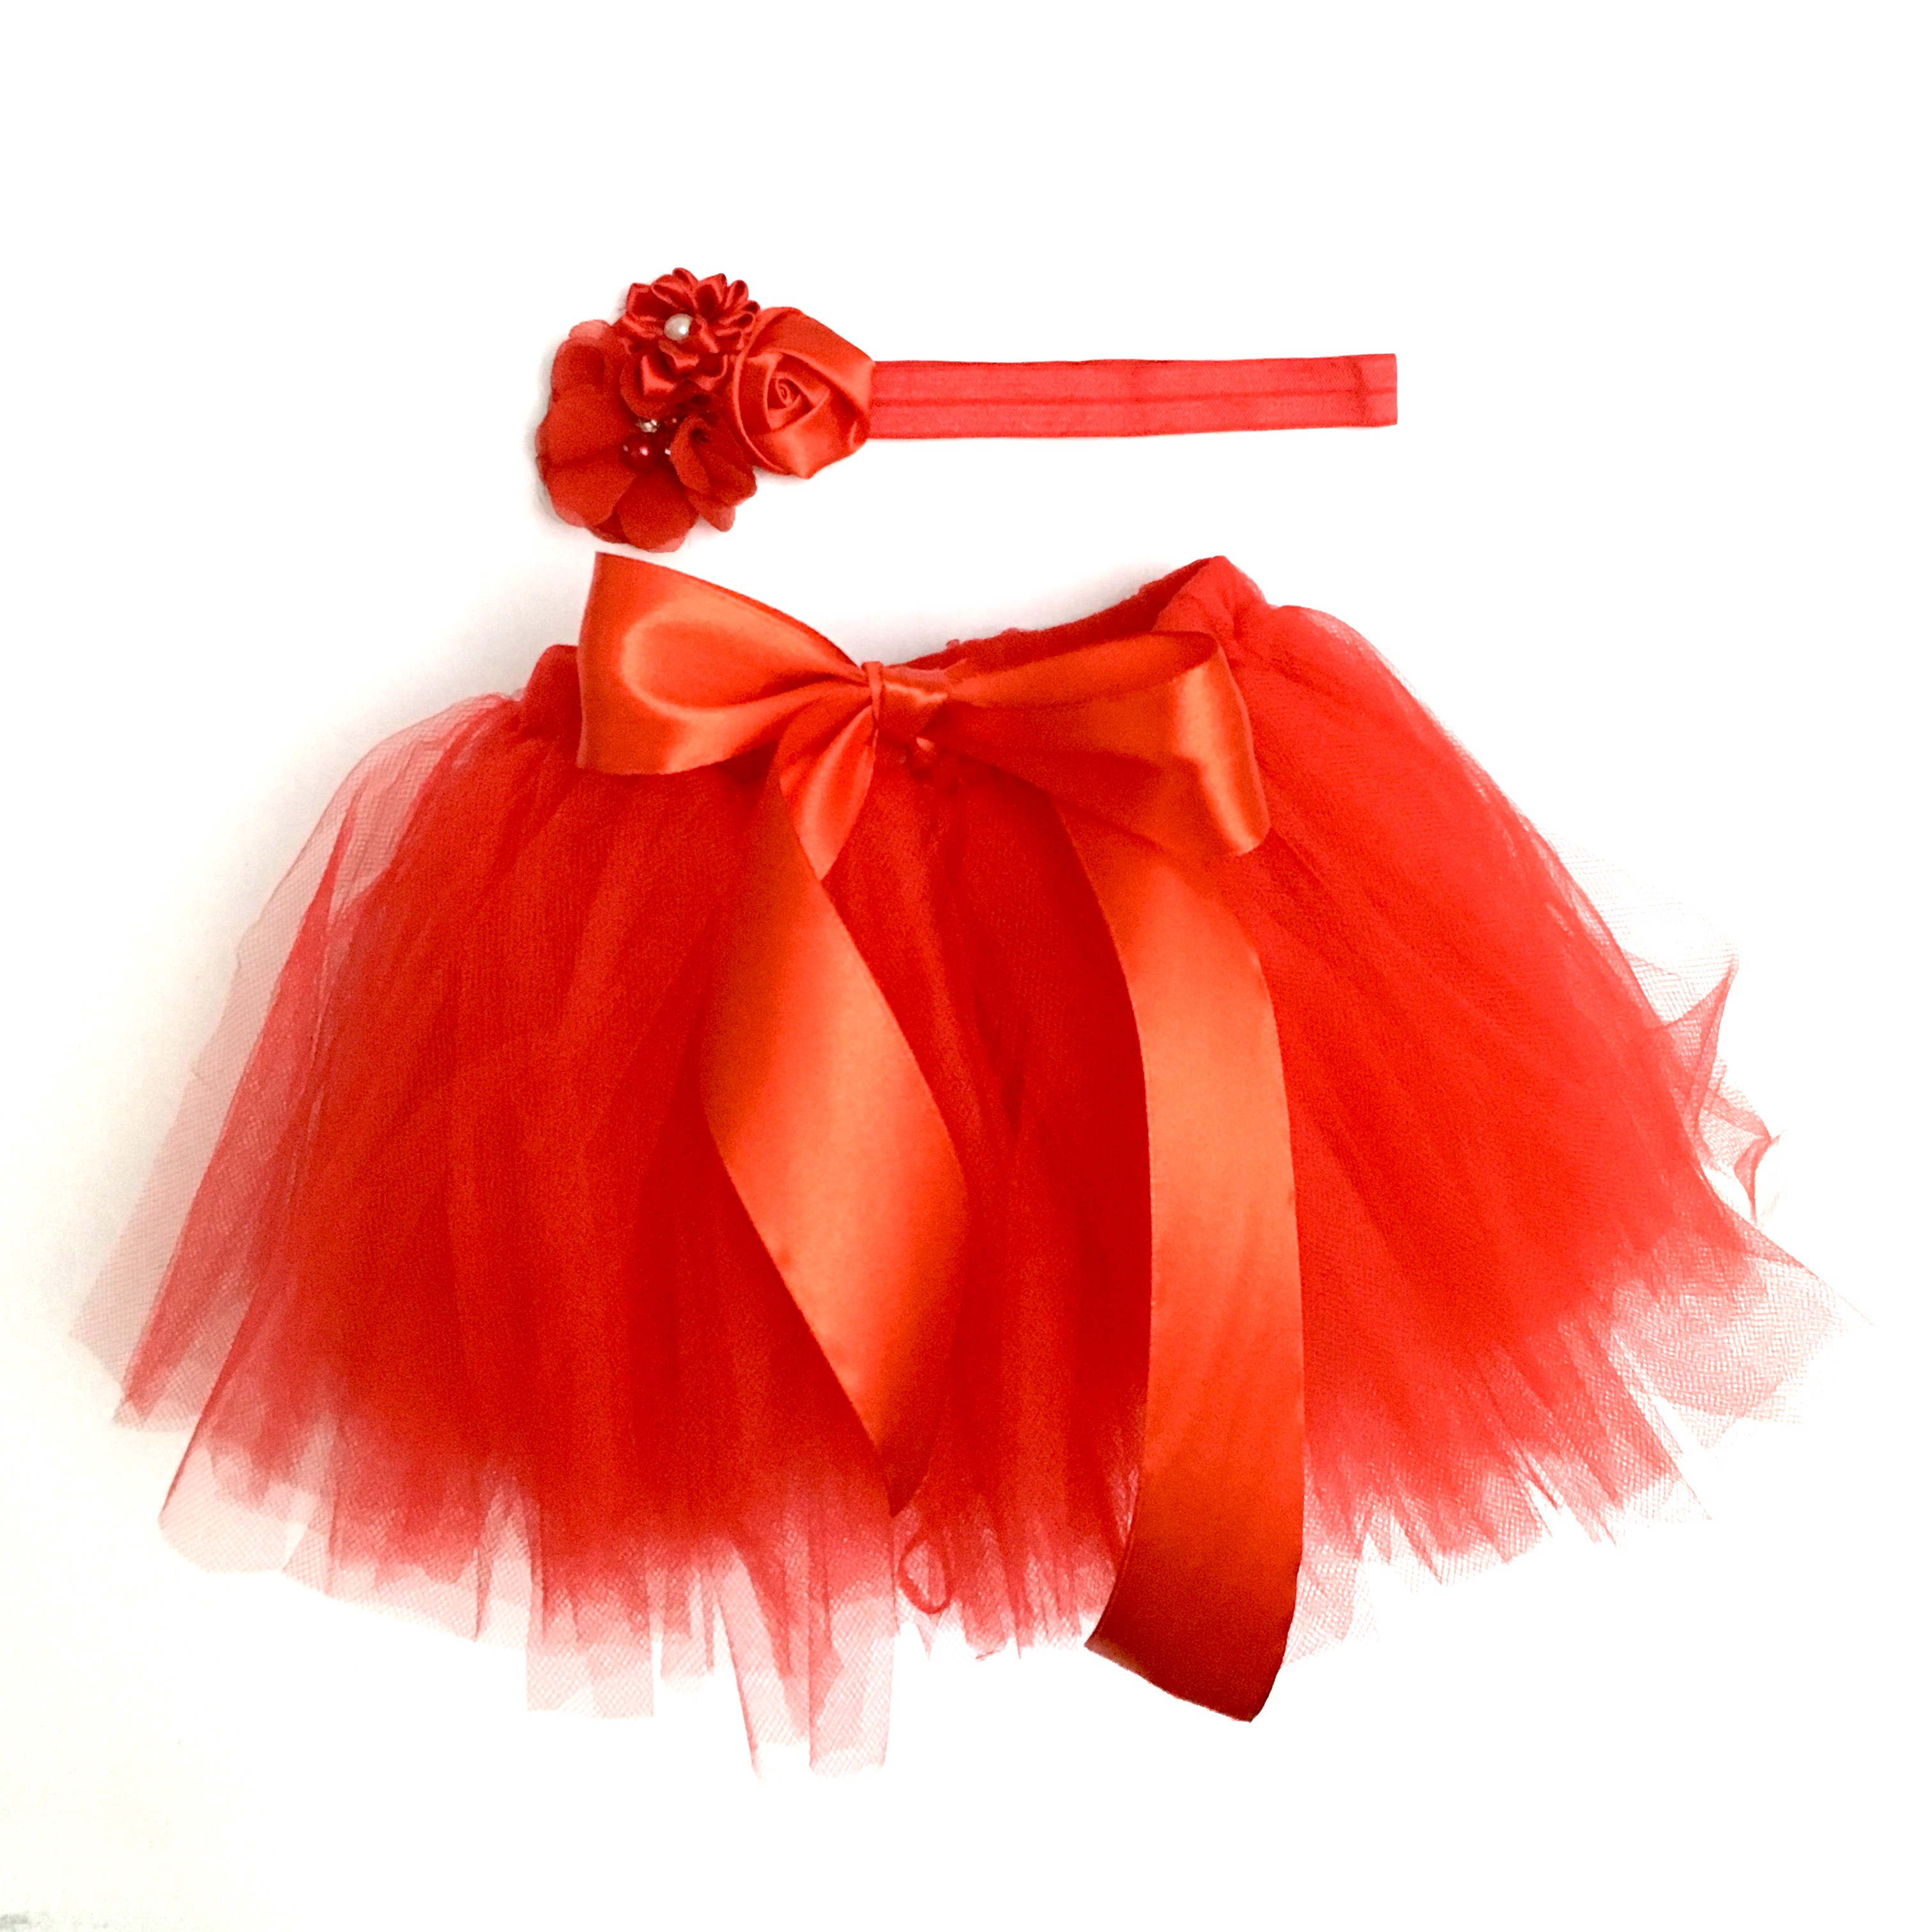 Tutu suknička pre bábätko červená (2-12 mesiacov) - jupitershop.sk 81ecade4ea